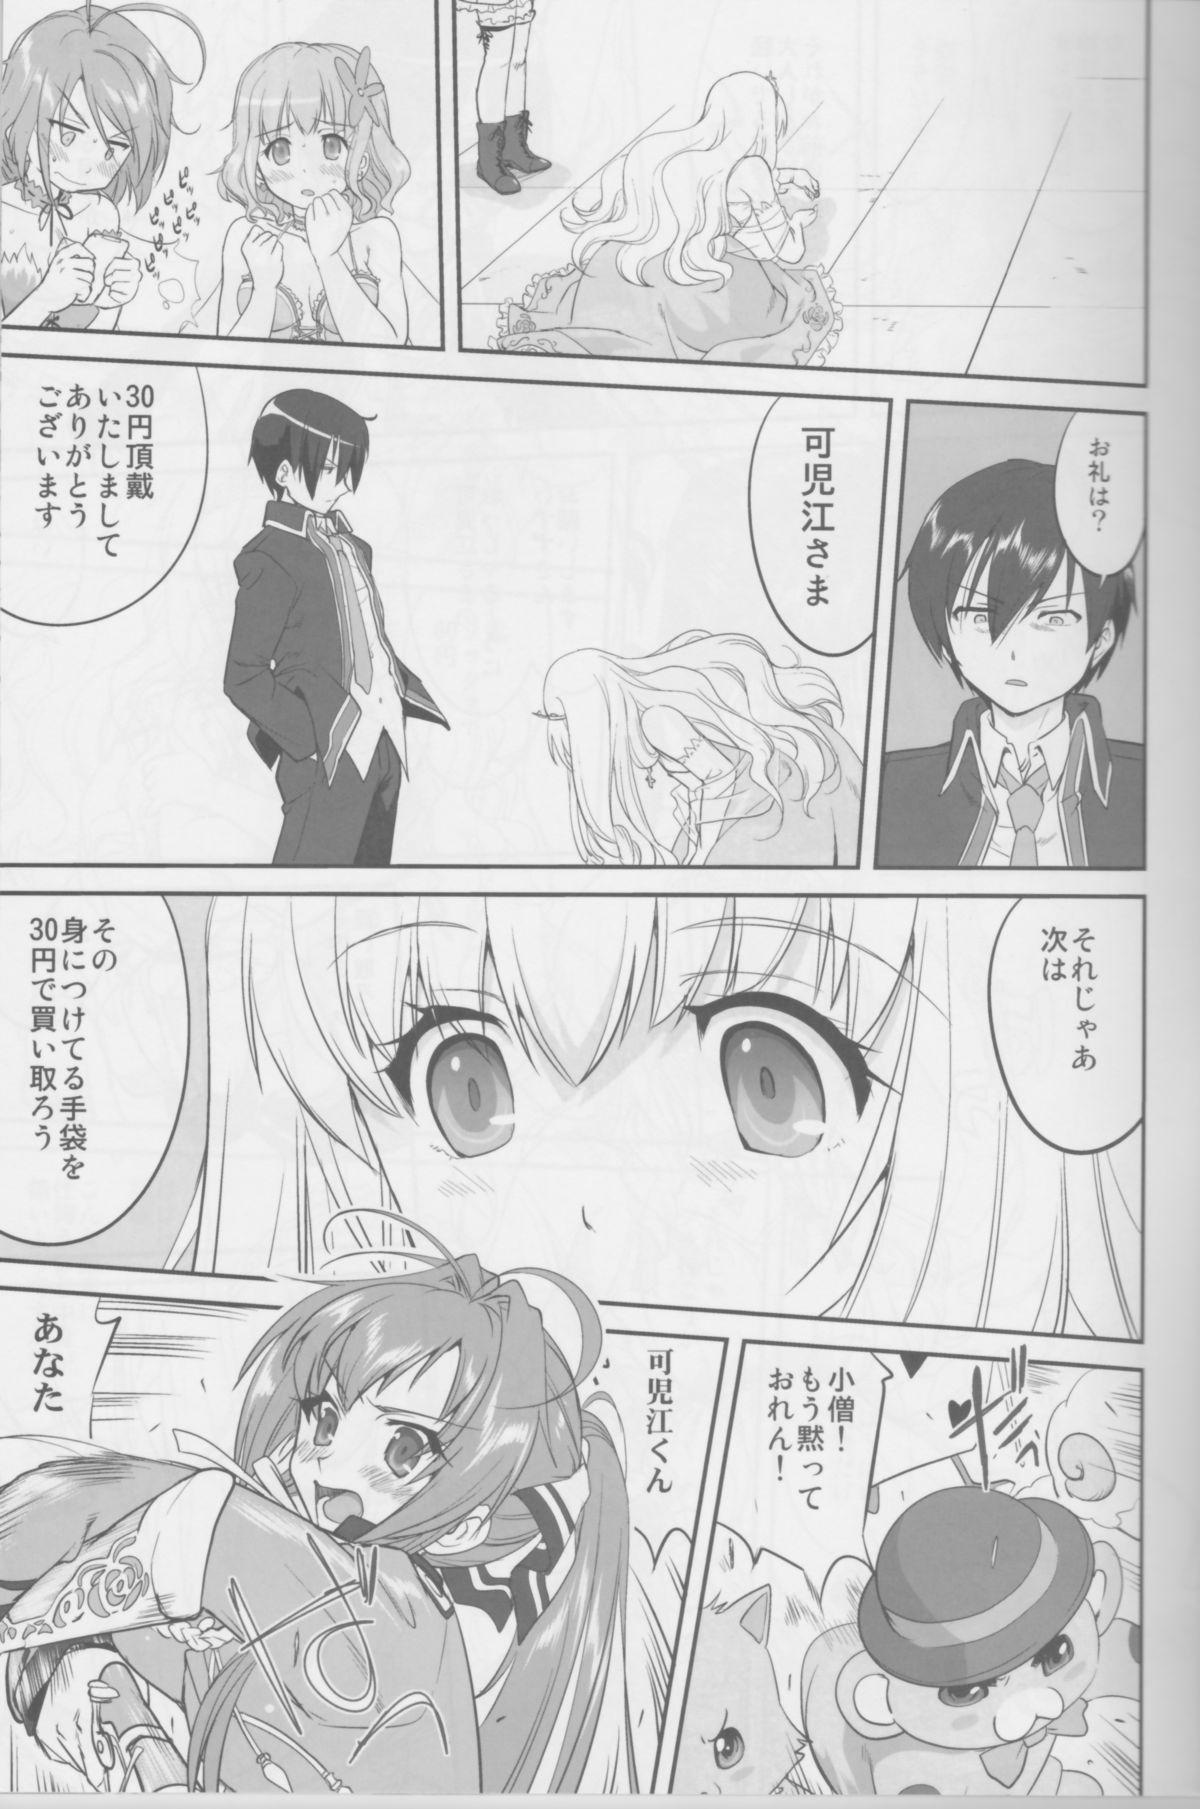 Amagi Strip Gekijou 11